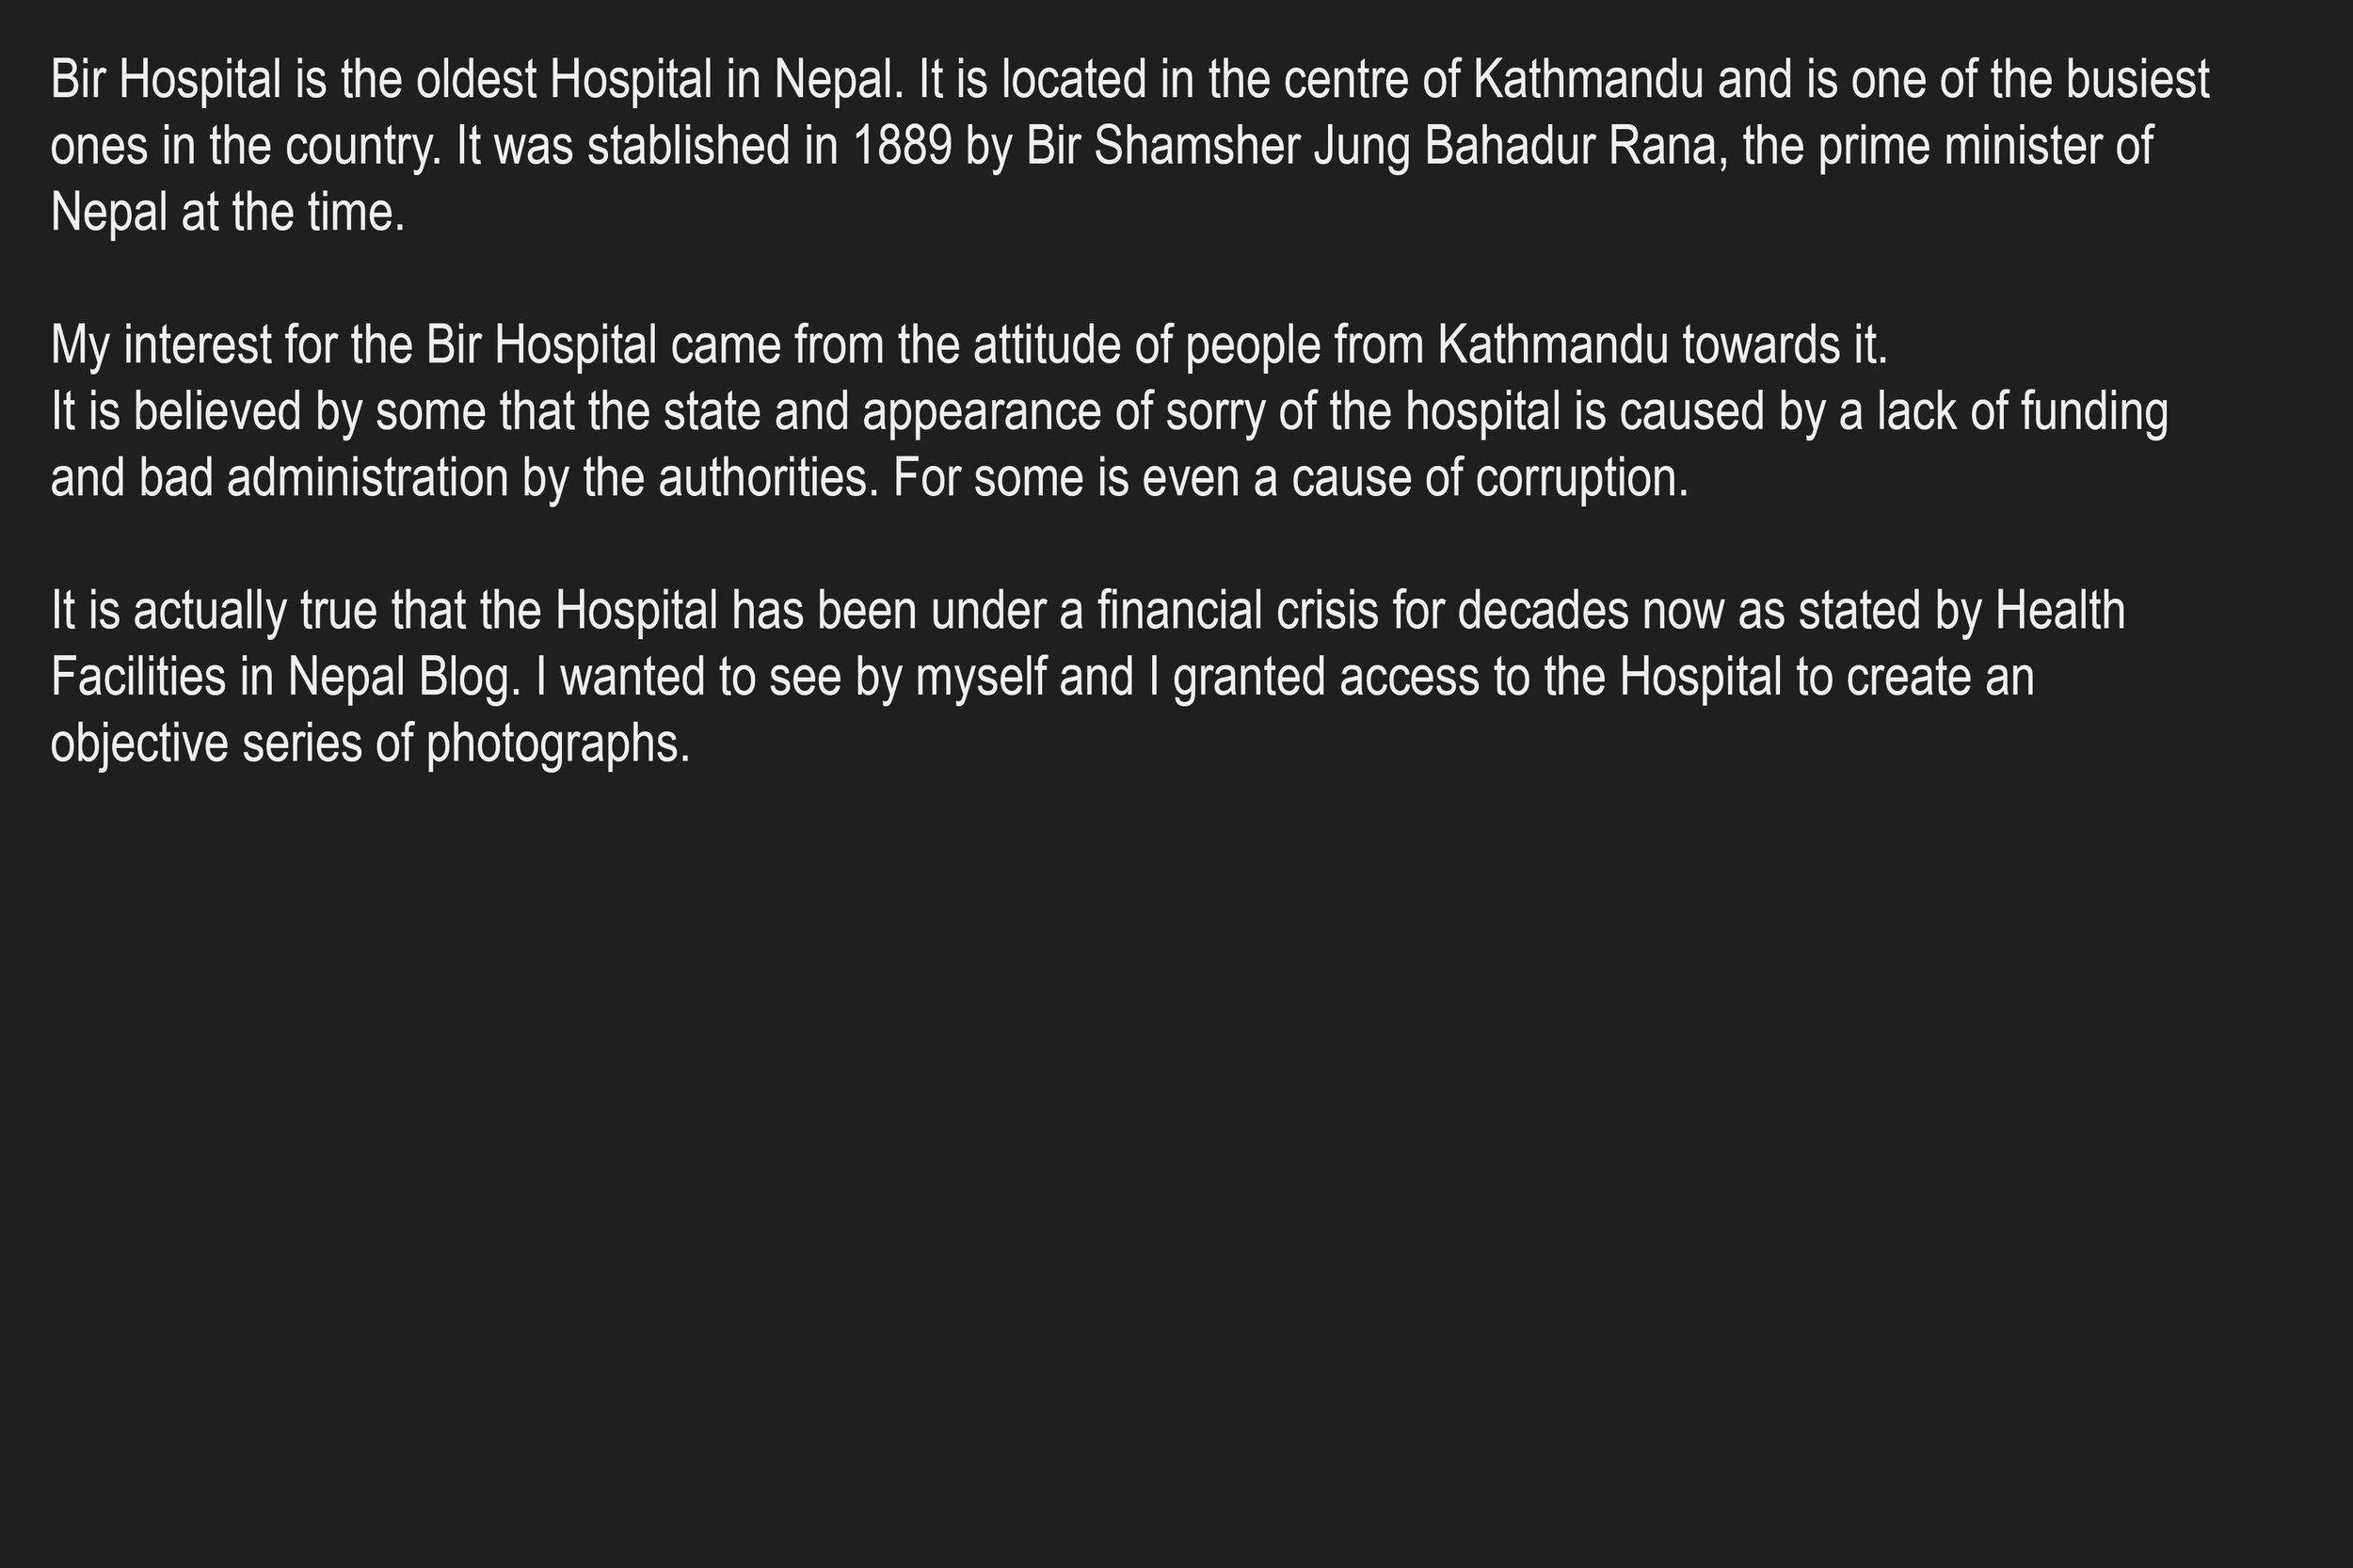 Bir Hospital Description.jpg